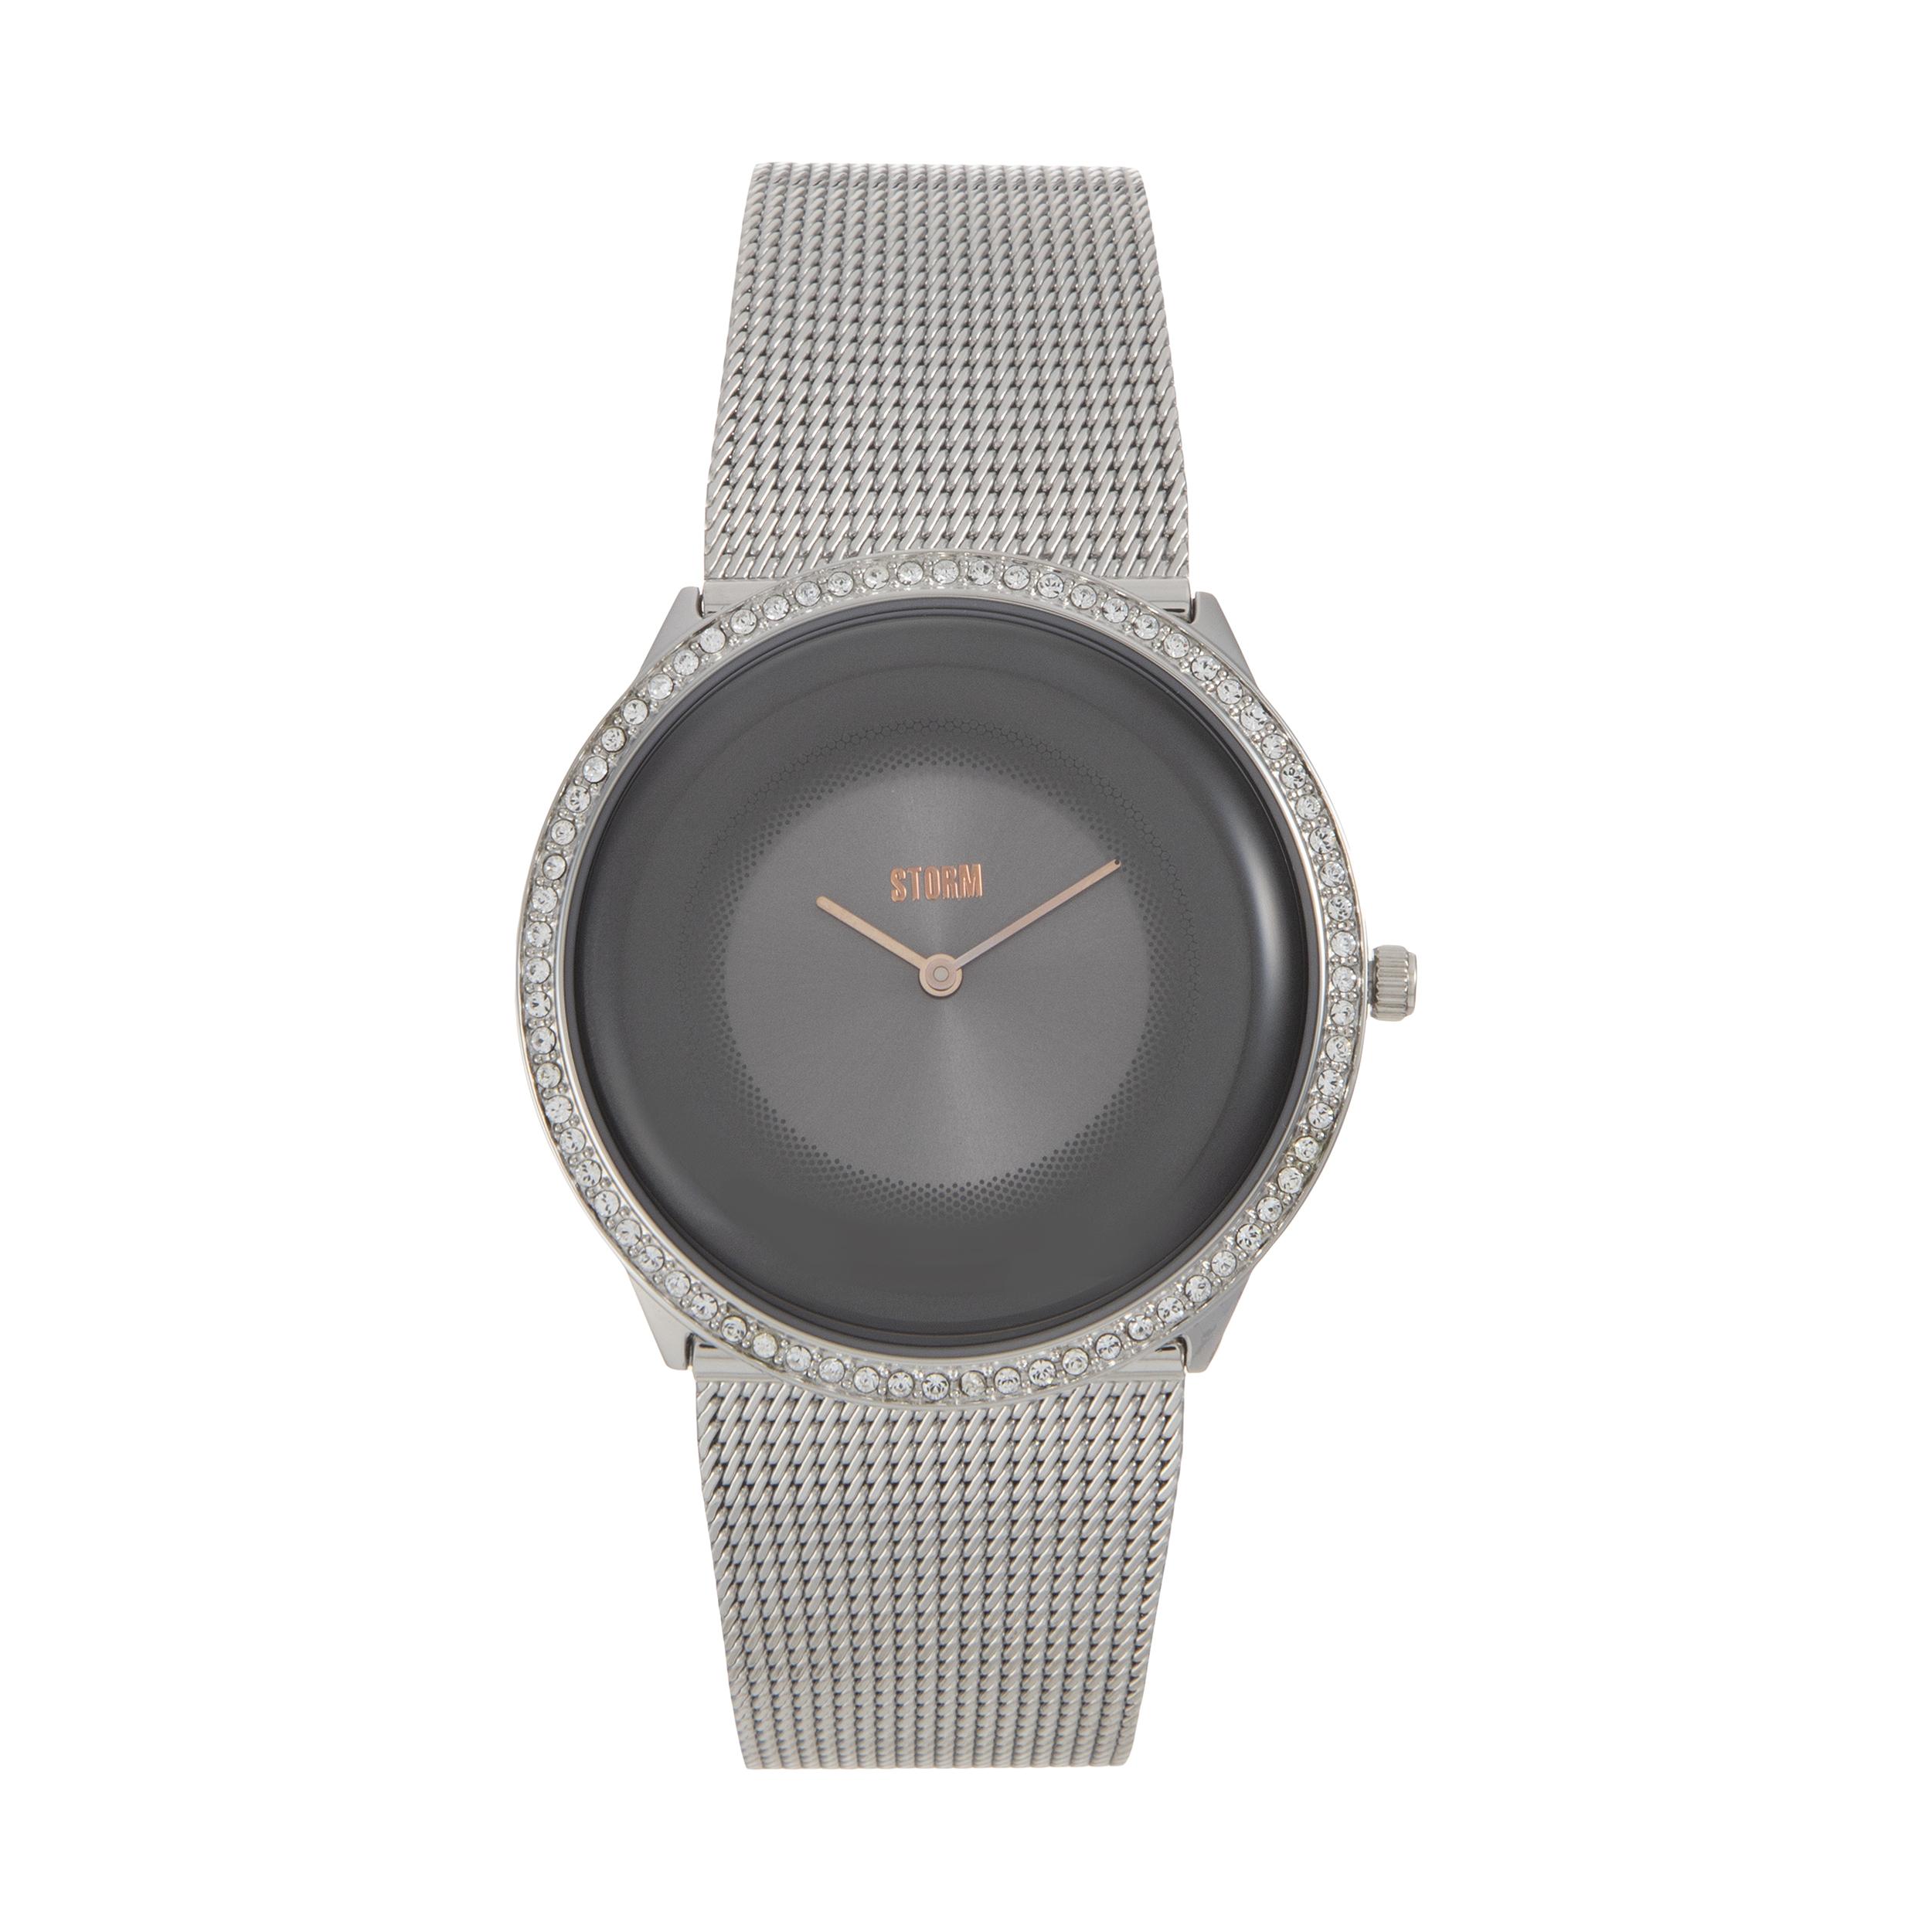 ساعت مچی عقربه ای زنانه استورم مدل ST 47374-GY